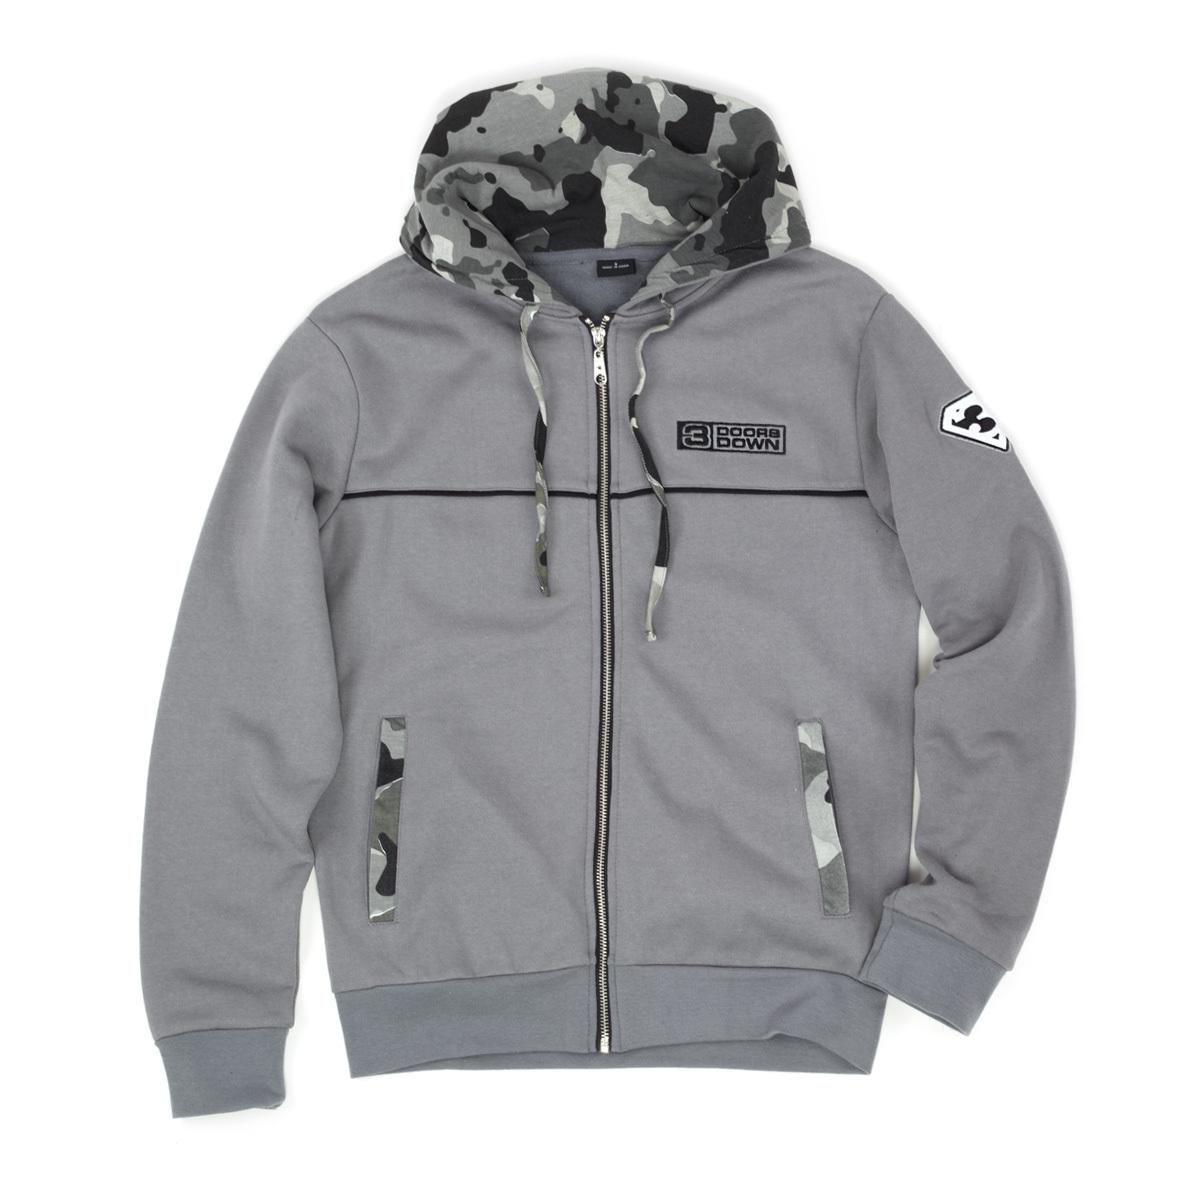 3 Doors Down Grey Hooded Sweat